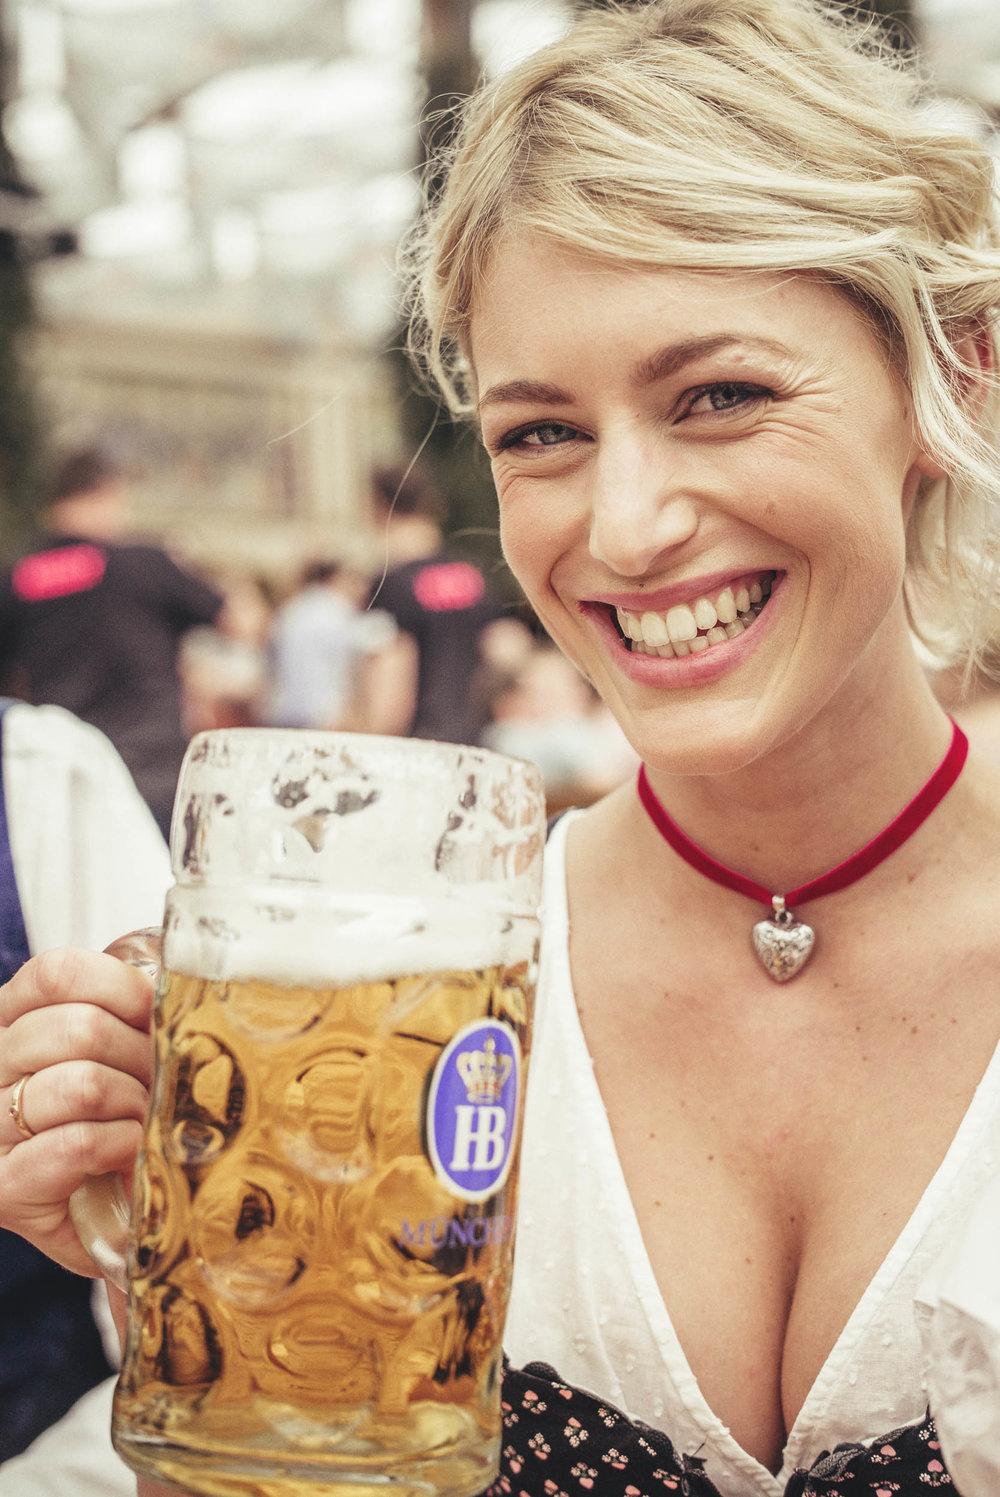 seifertuebler-lifestyle-hofbraeu-muenchen-oktoberfest-beer-02.jpg